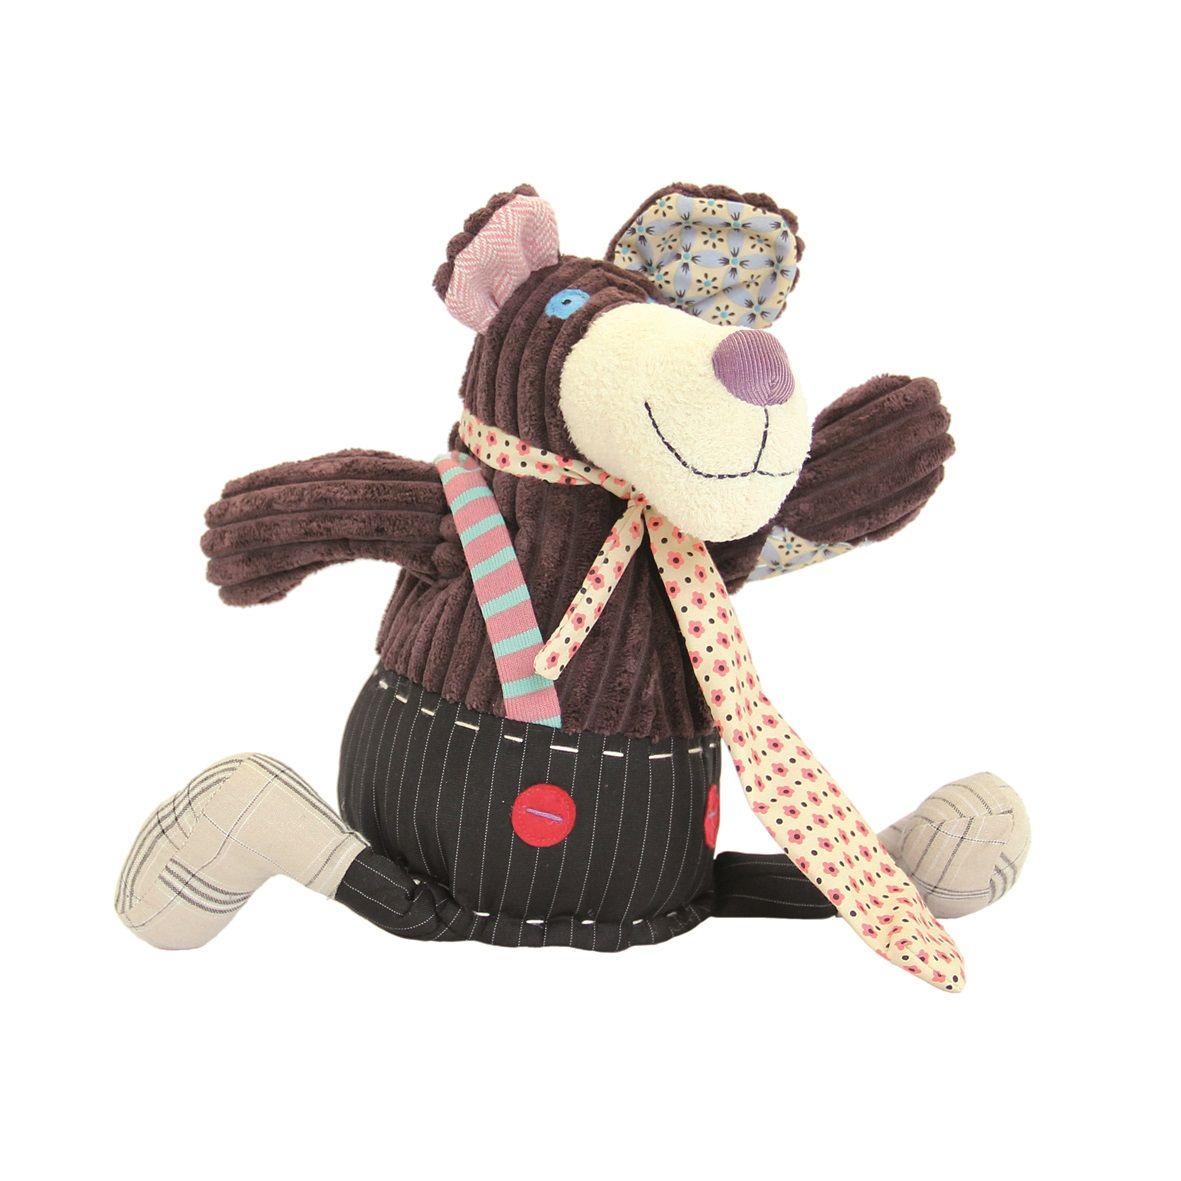 Pelúcia Original Gromos, o Urso Deglingos